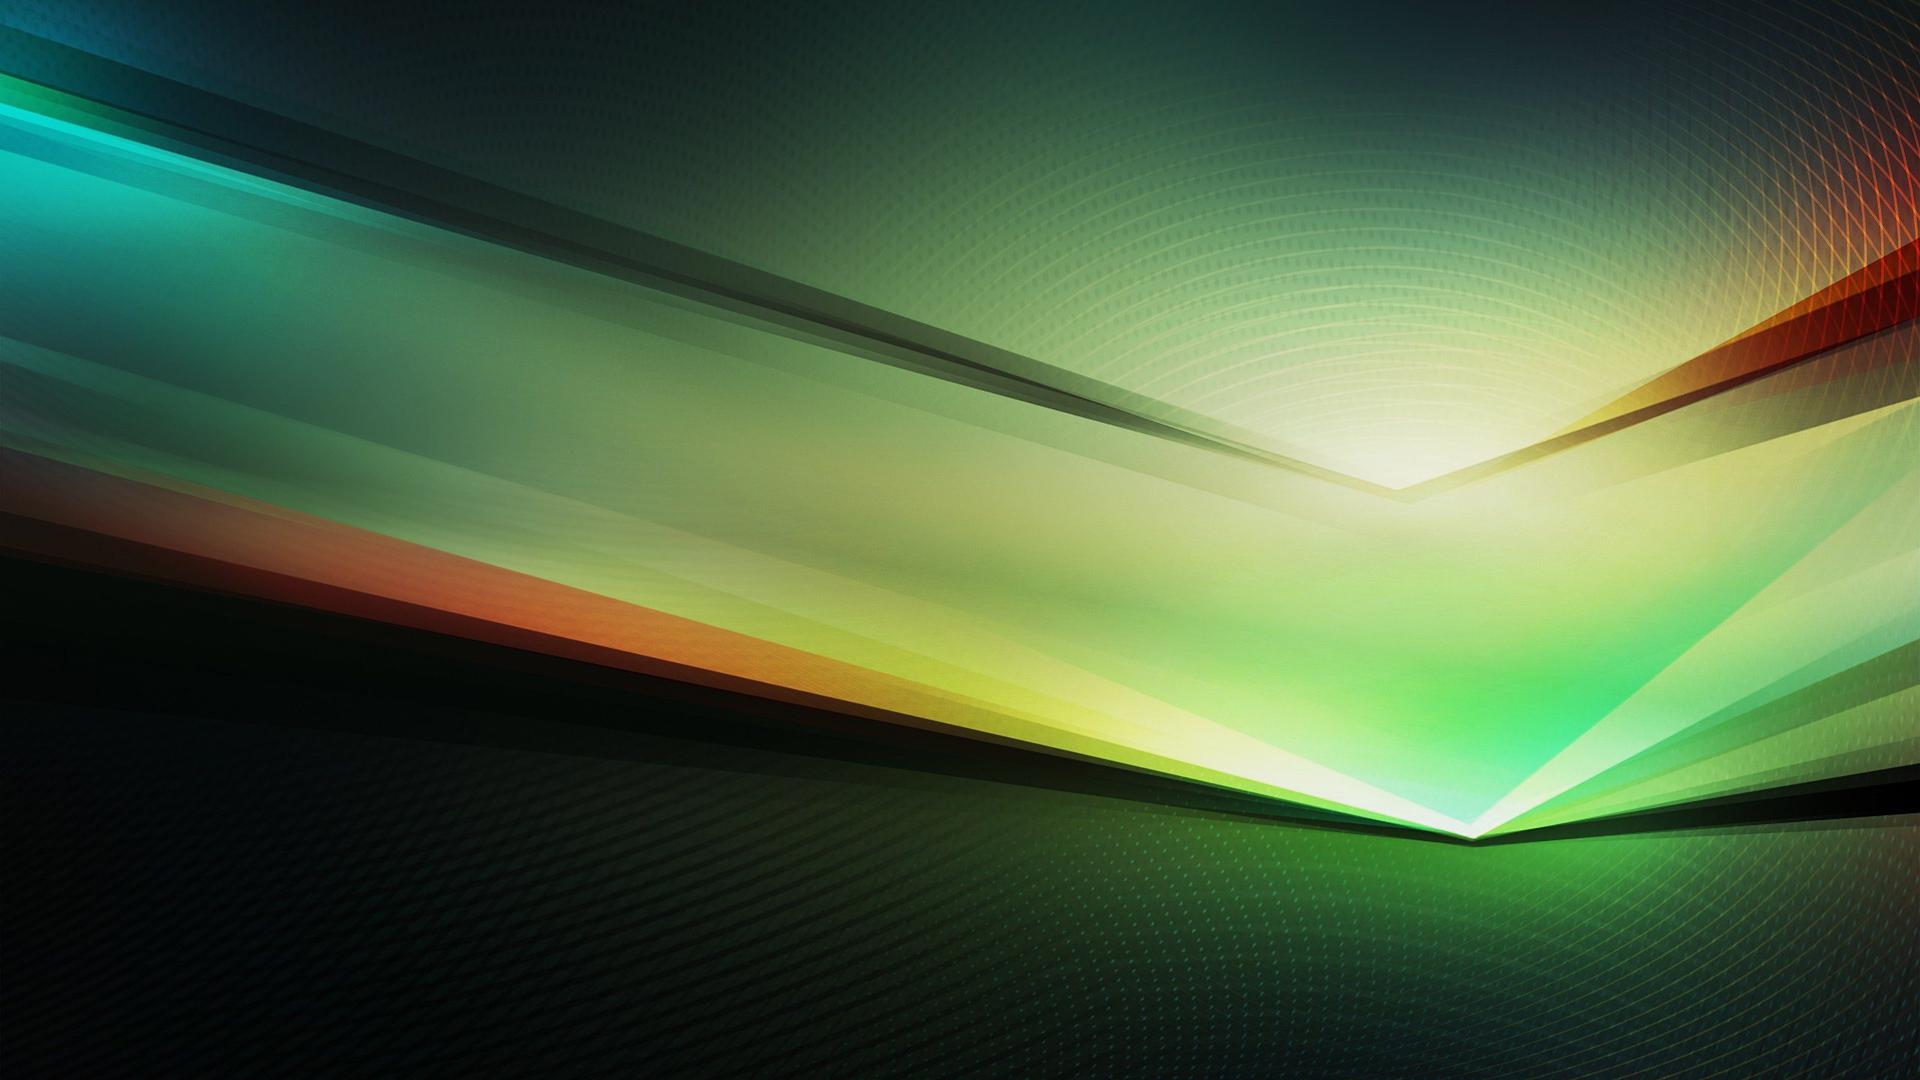 wallpaper spectrum lines wallpapers minimal 1920x1080 1920x1080